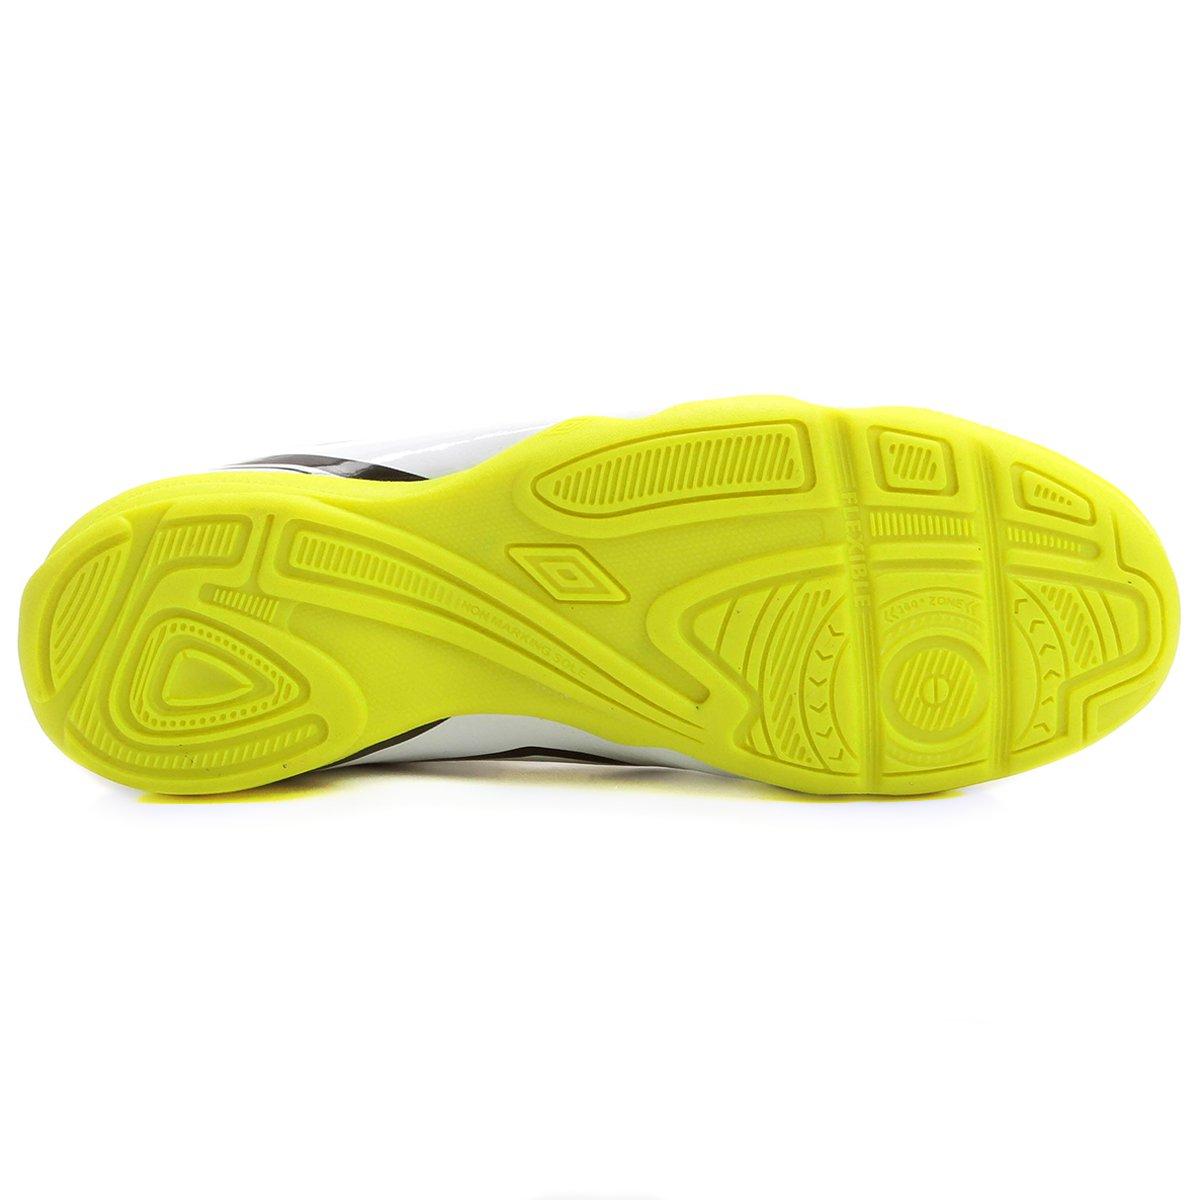 Chuteira Futsal Umbro Striker 3 Masculina - Compre Agora  2a2a88d6e7085